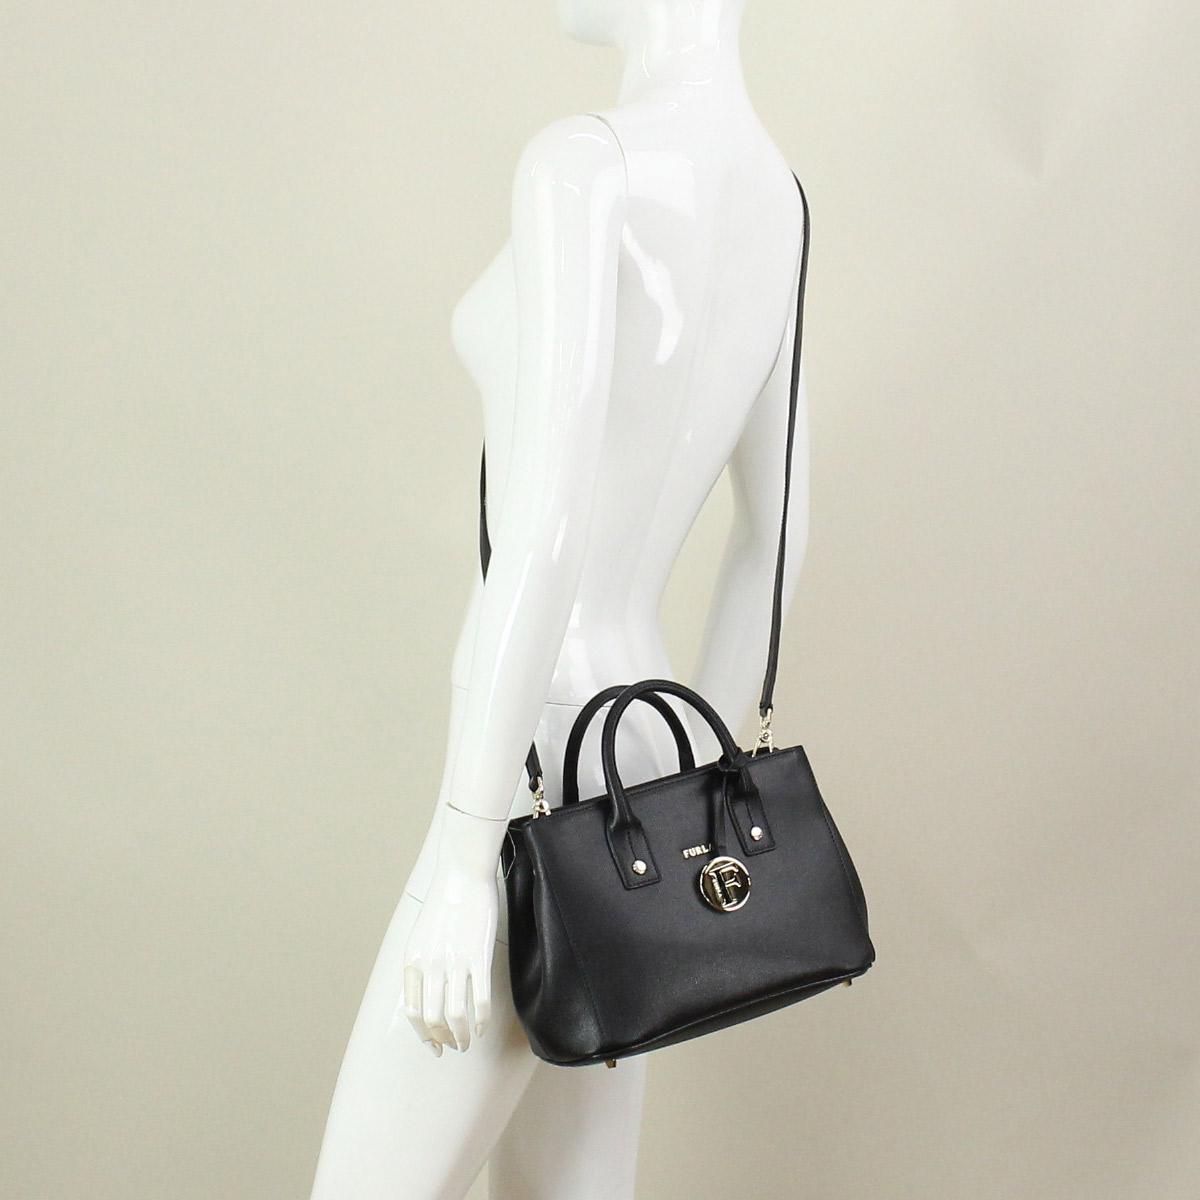 990efa0caf3c Bighit The total brand wholesale  FURLA (FURLA) LINDA tote bag mini ...